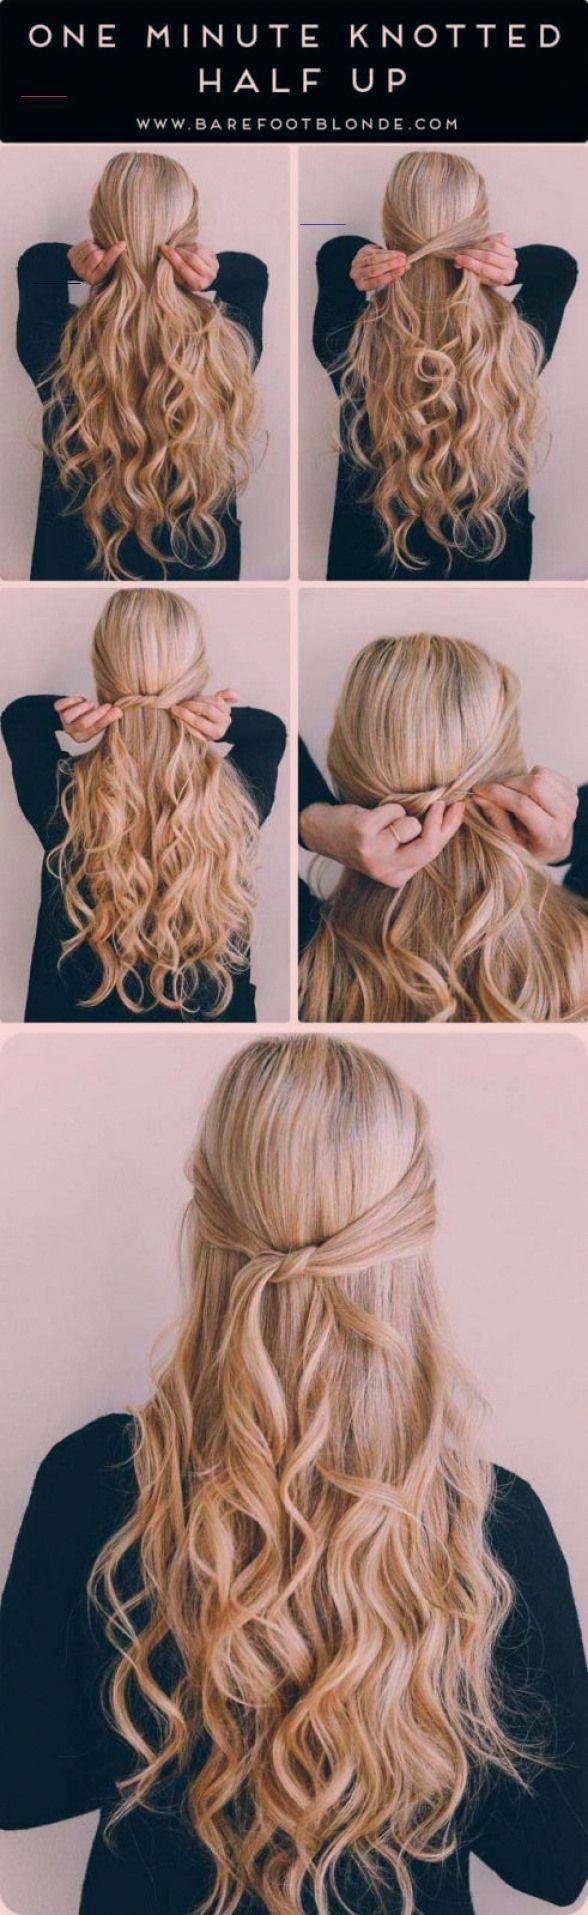 Photo of Erstaunliche halb hoch halb halb Frisuren für langes Haar – eine Minute geknotet halb hoch …